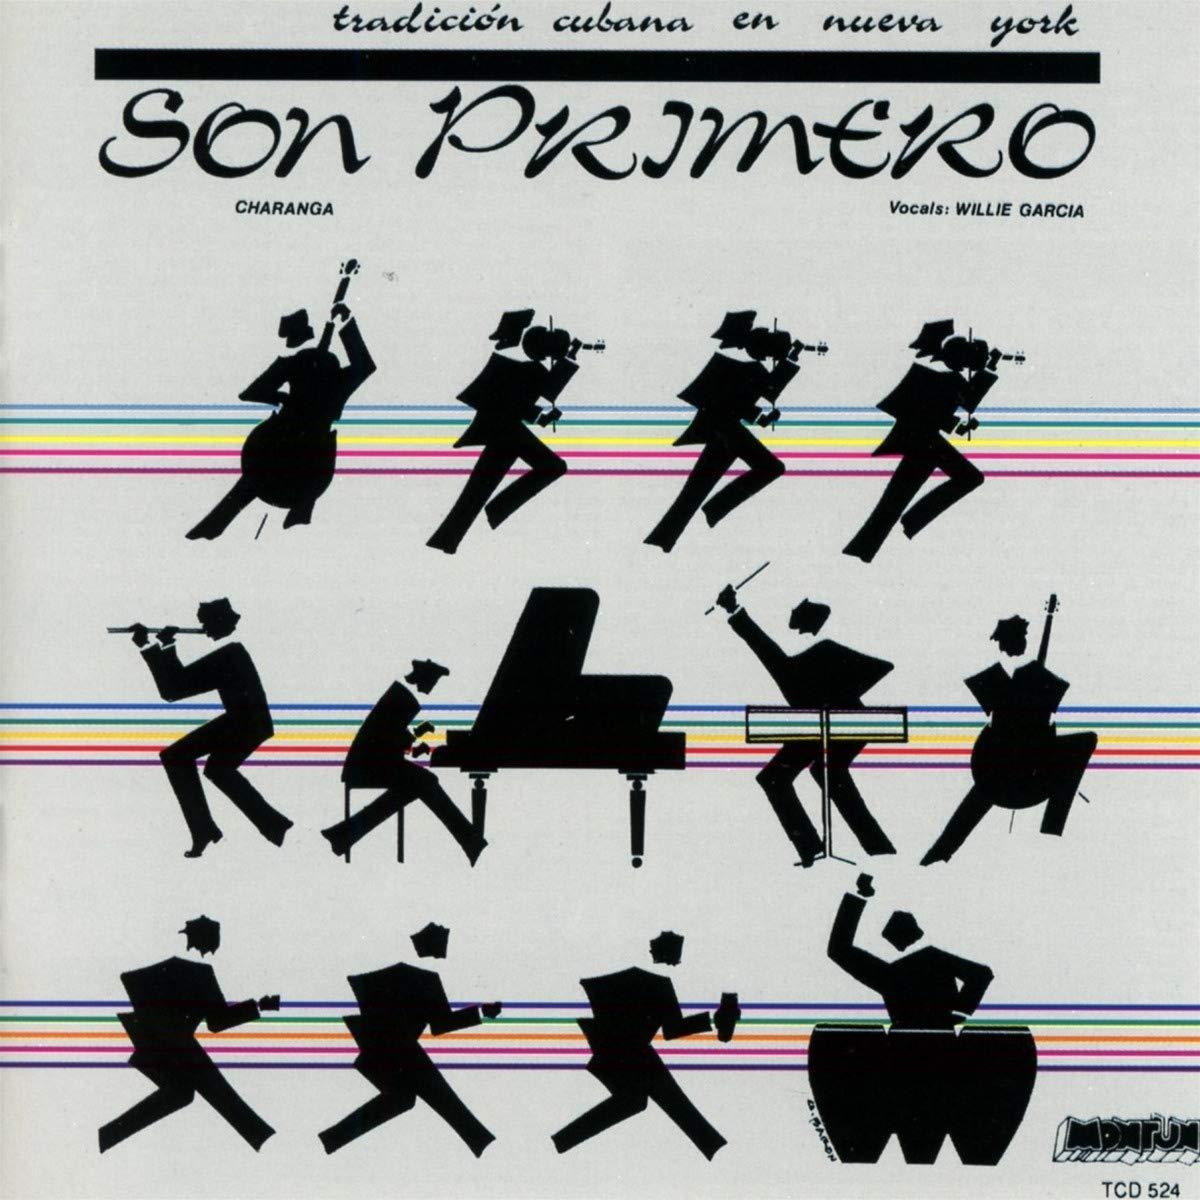 Charanga - Tradicion Cubana en Nueva York. Vocals: Willie García by MONTUNO